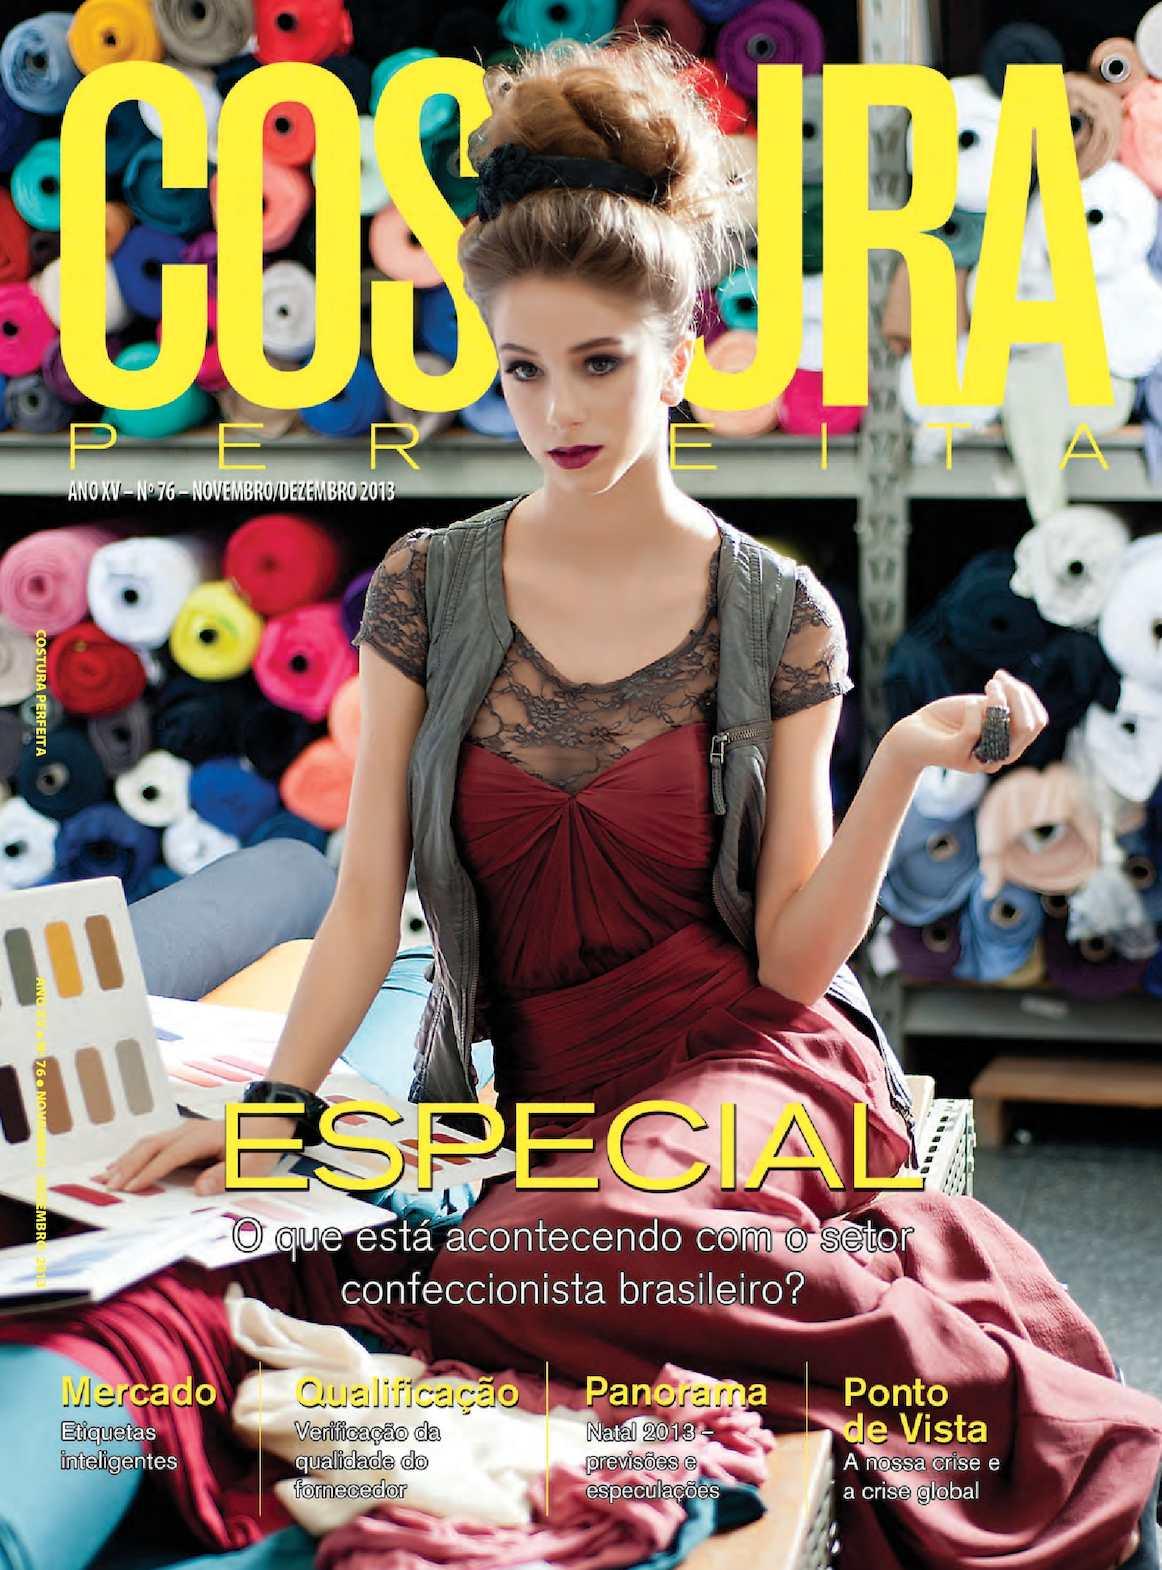 cfae508606 Calaméo - Revista Costura Perfeita Edição Ano XV - N76 - Novembro-Dezembro  2013